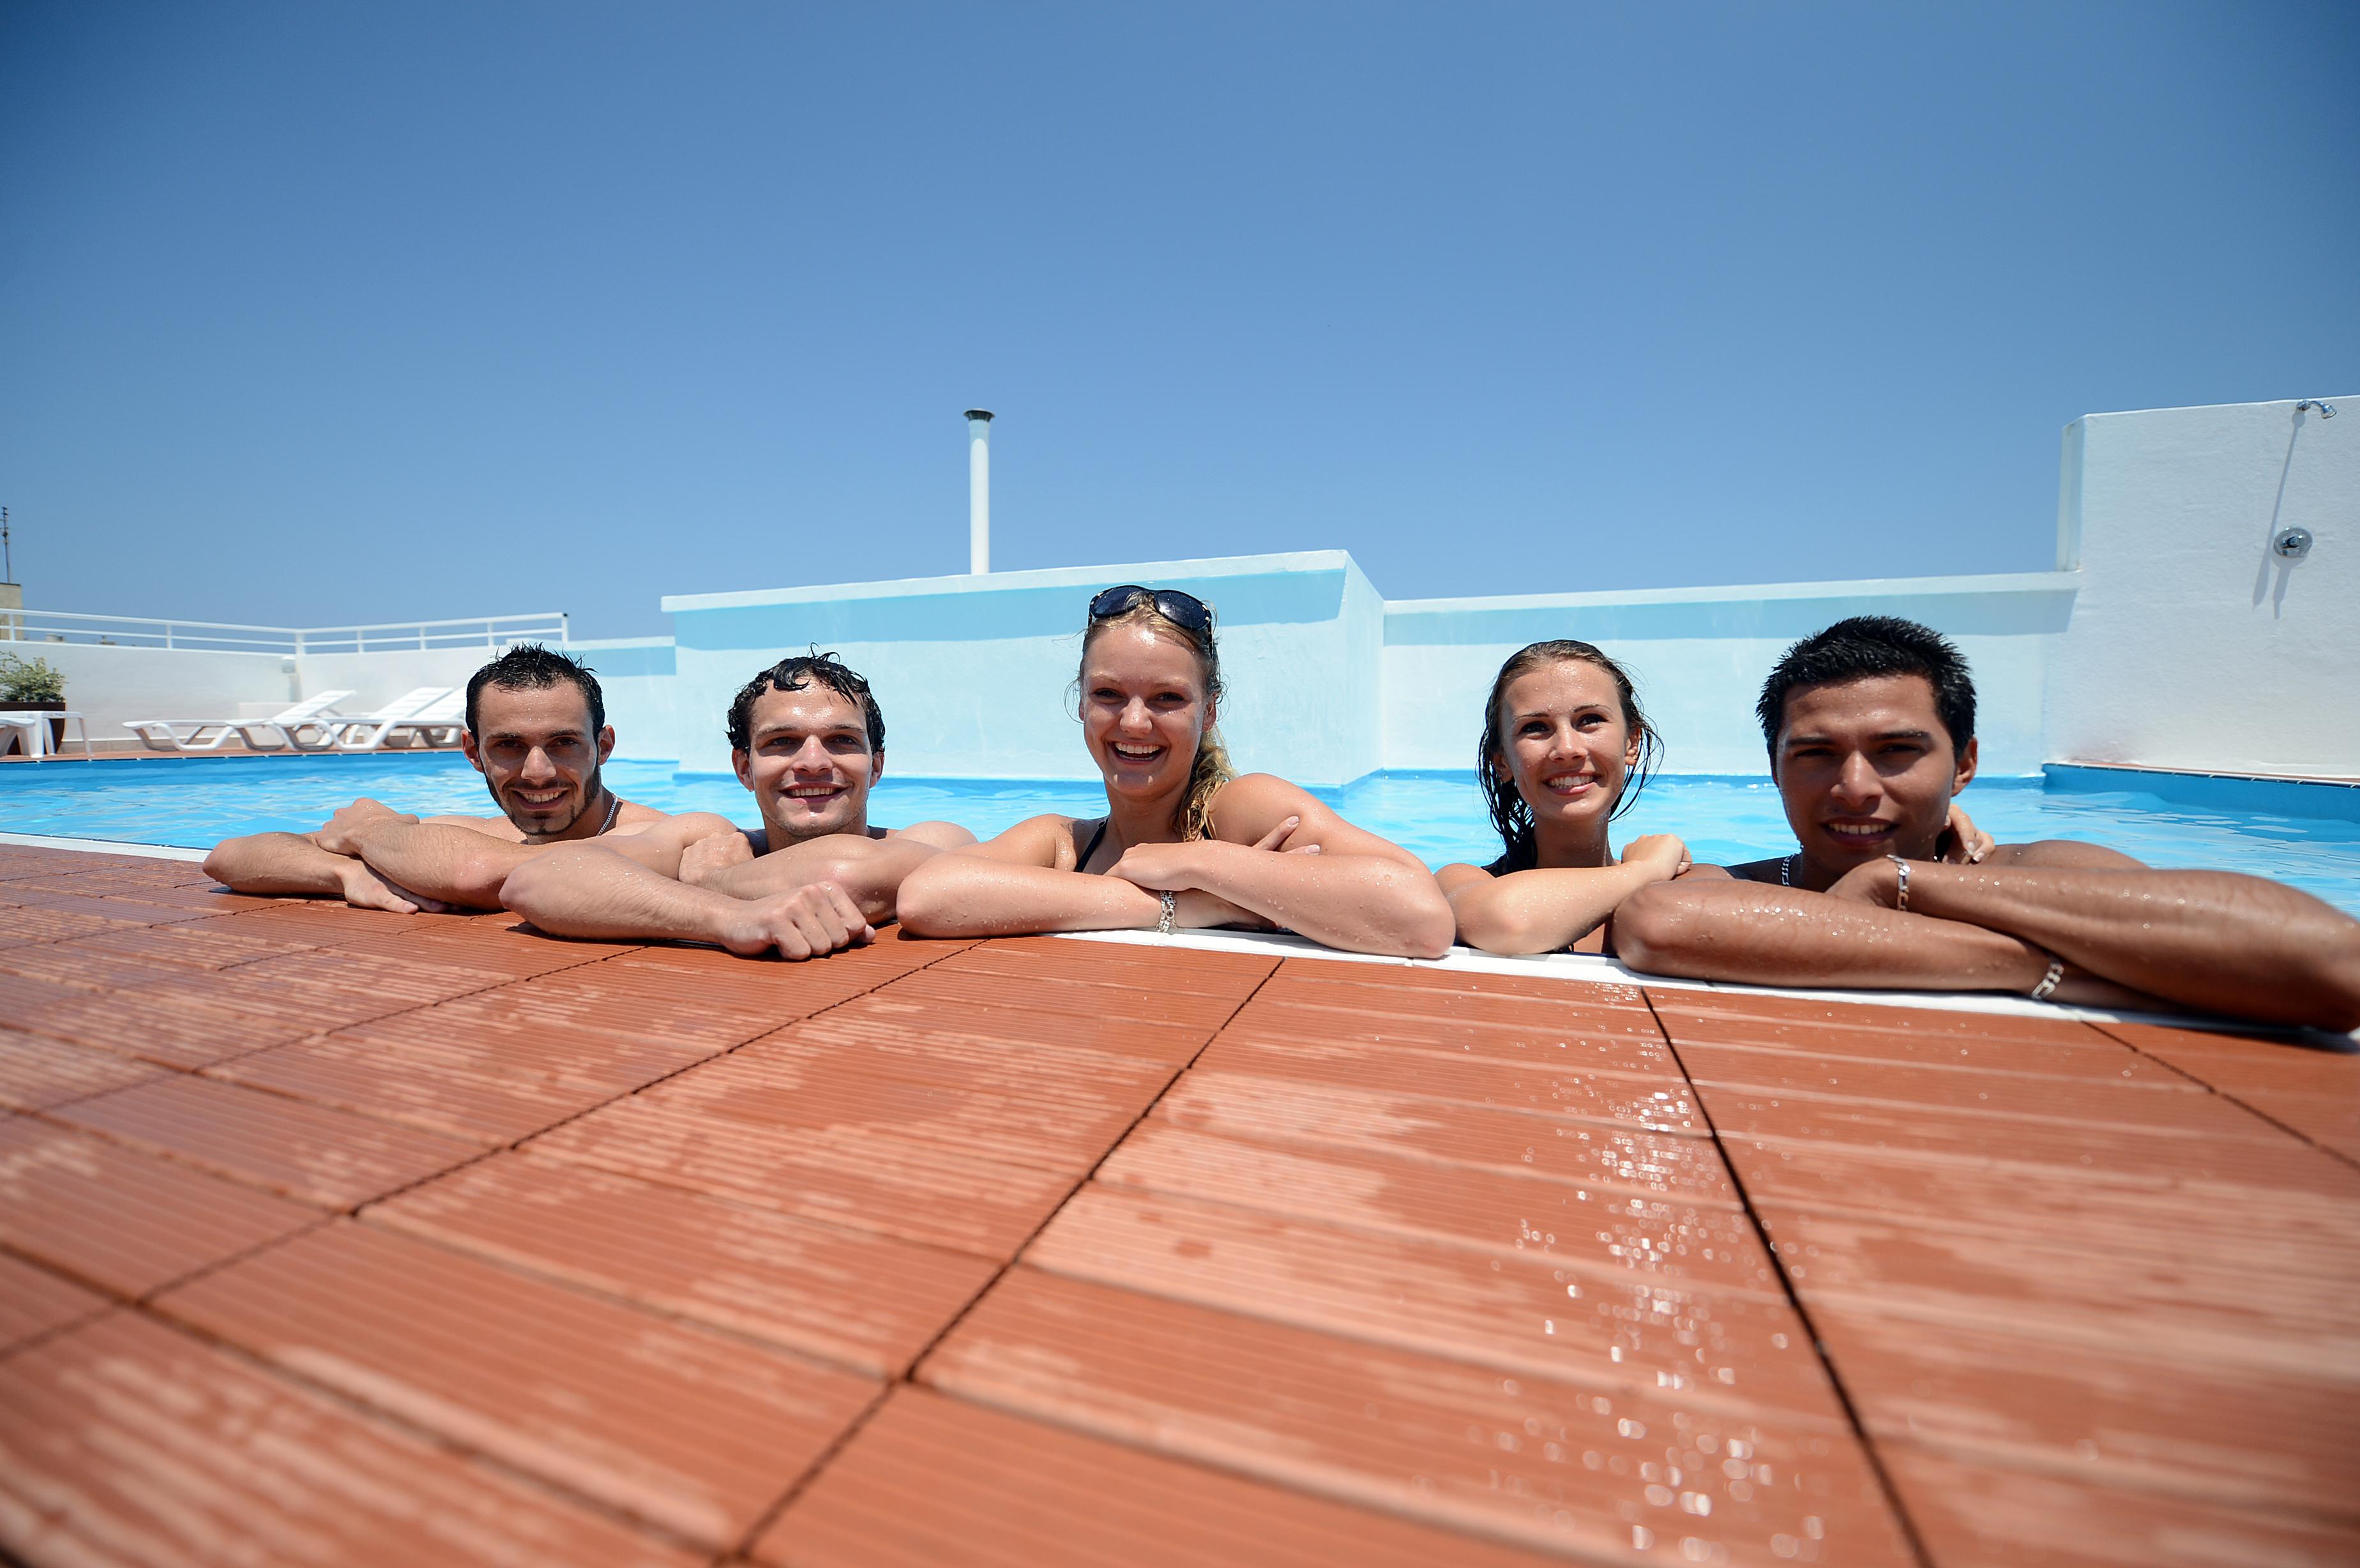 Мальта - Malta, резиденция (отель) Дейз Инн - Days Inn - бассейн на крыше